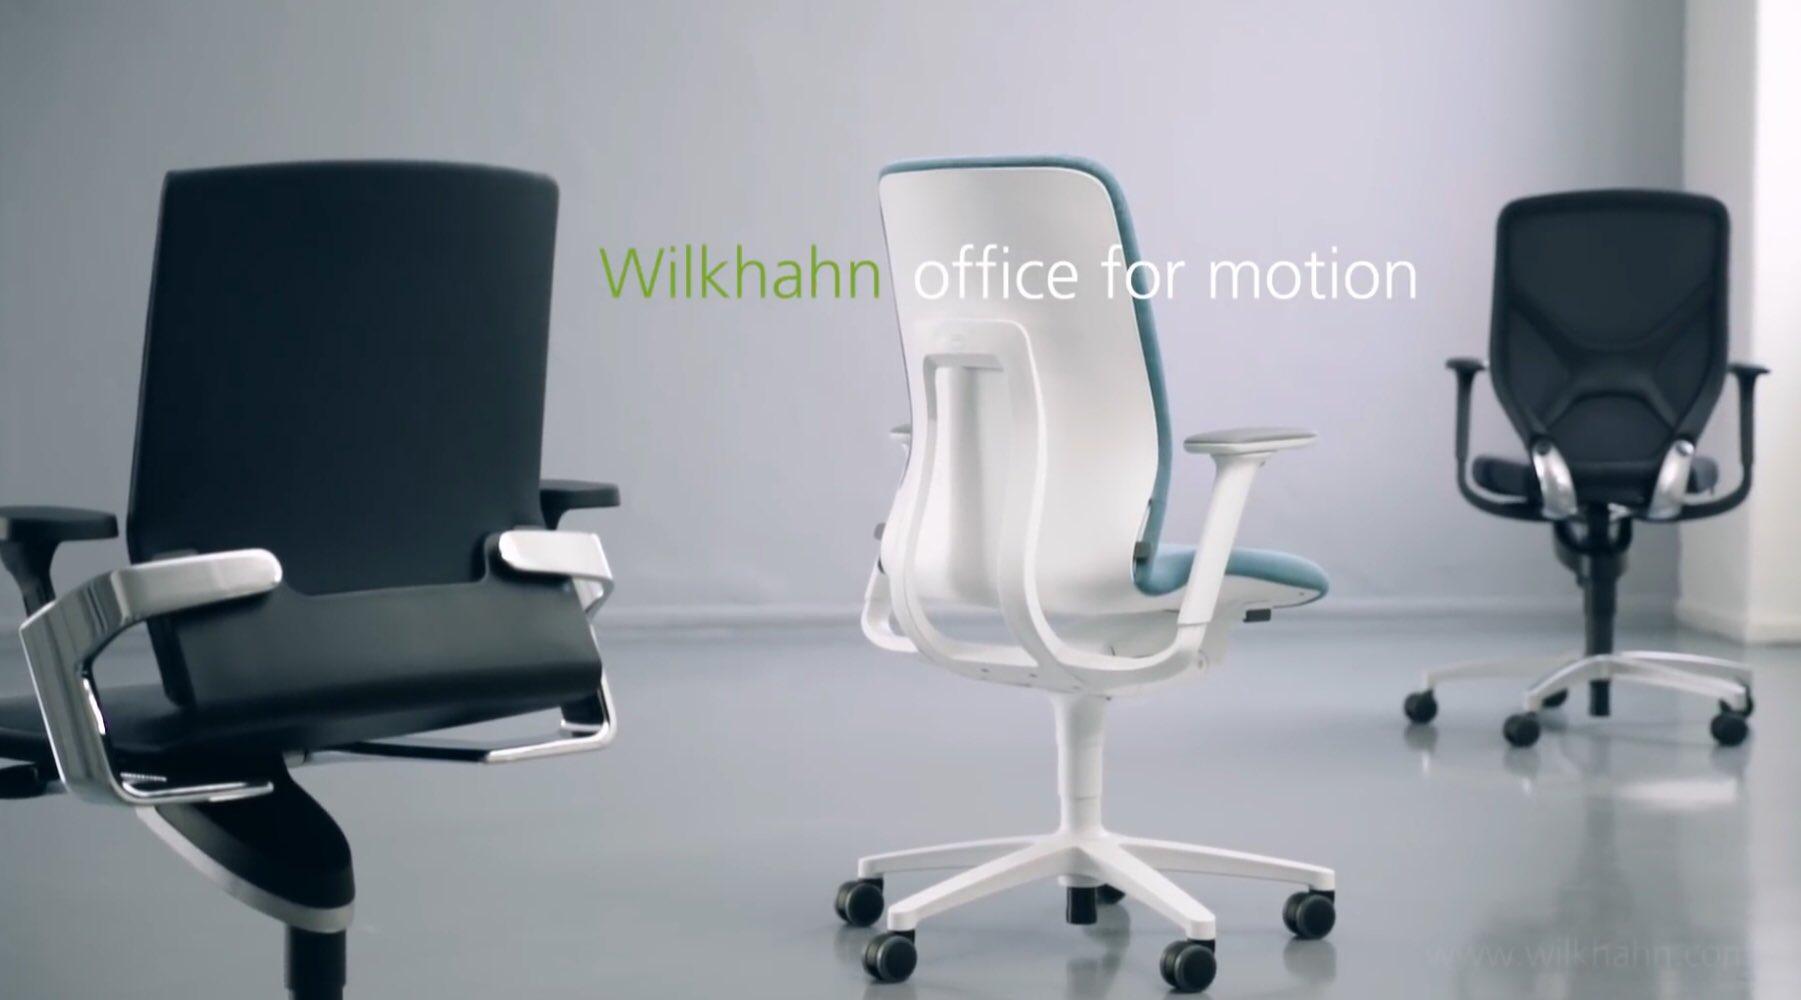 Sillas ON AT IN by Wilkhahn, únicas sillas con Trimensión, visita nuestro showroom y sentirás la diferencia en el sentado y la comodidad que solo ofrece Wilkhahn #empresas #bancos #oficinas #casadecampo #hoteles https://t.co/wyLspgR3E5